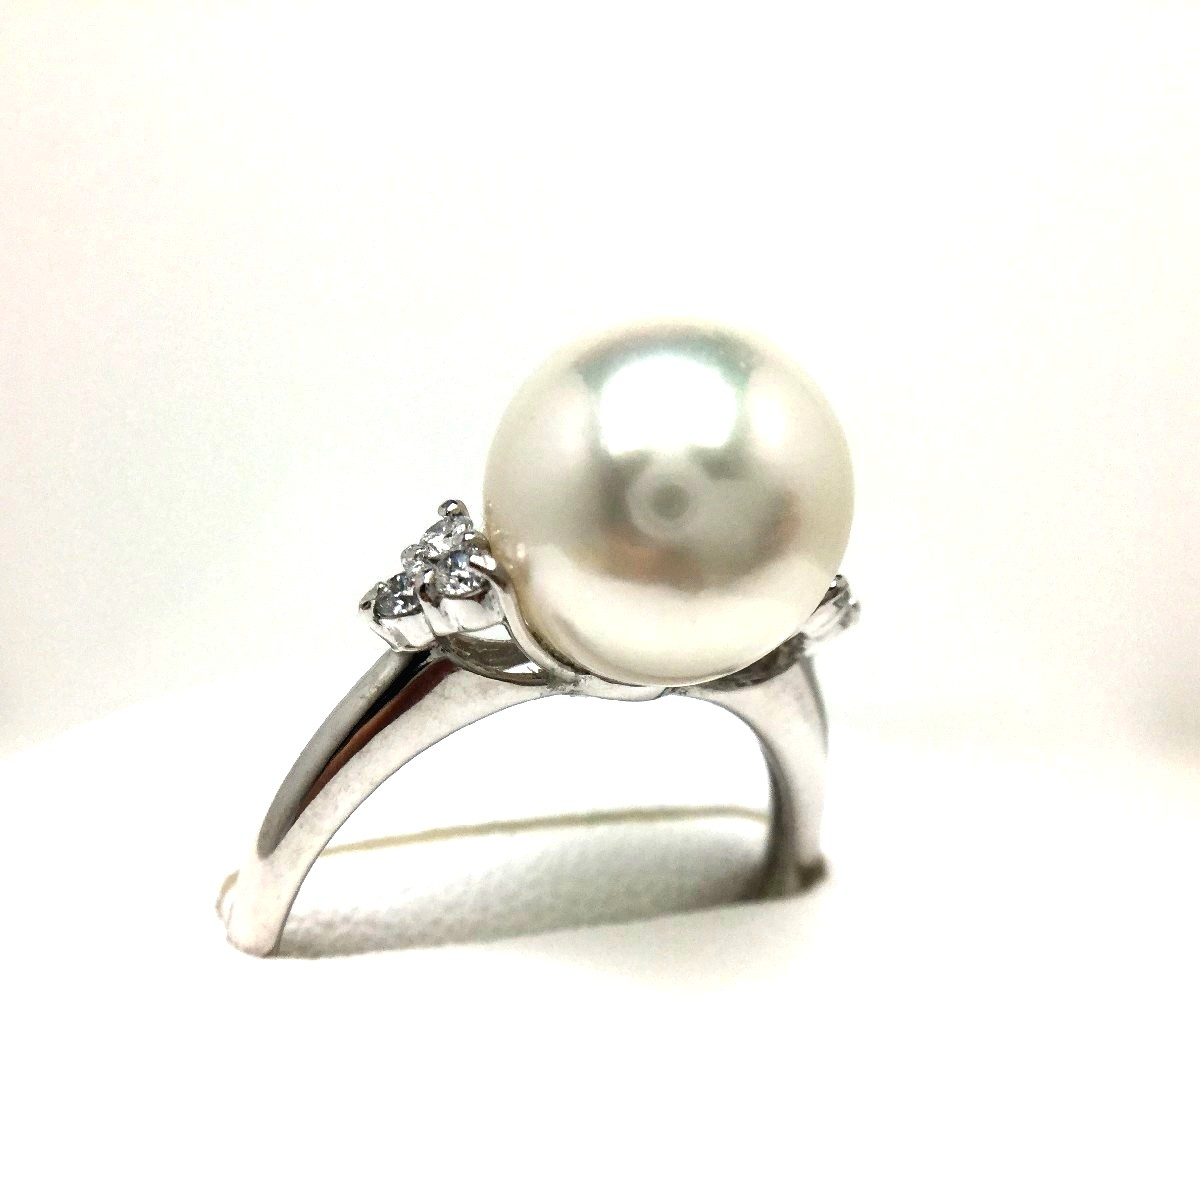 真珠 リング パール オーロラ・花珠 アコヤ真珠 9.5mm ホワイトピンク Pt900 プラチナ ダイヤ 0.10ct 66468 イソワパール